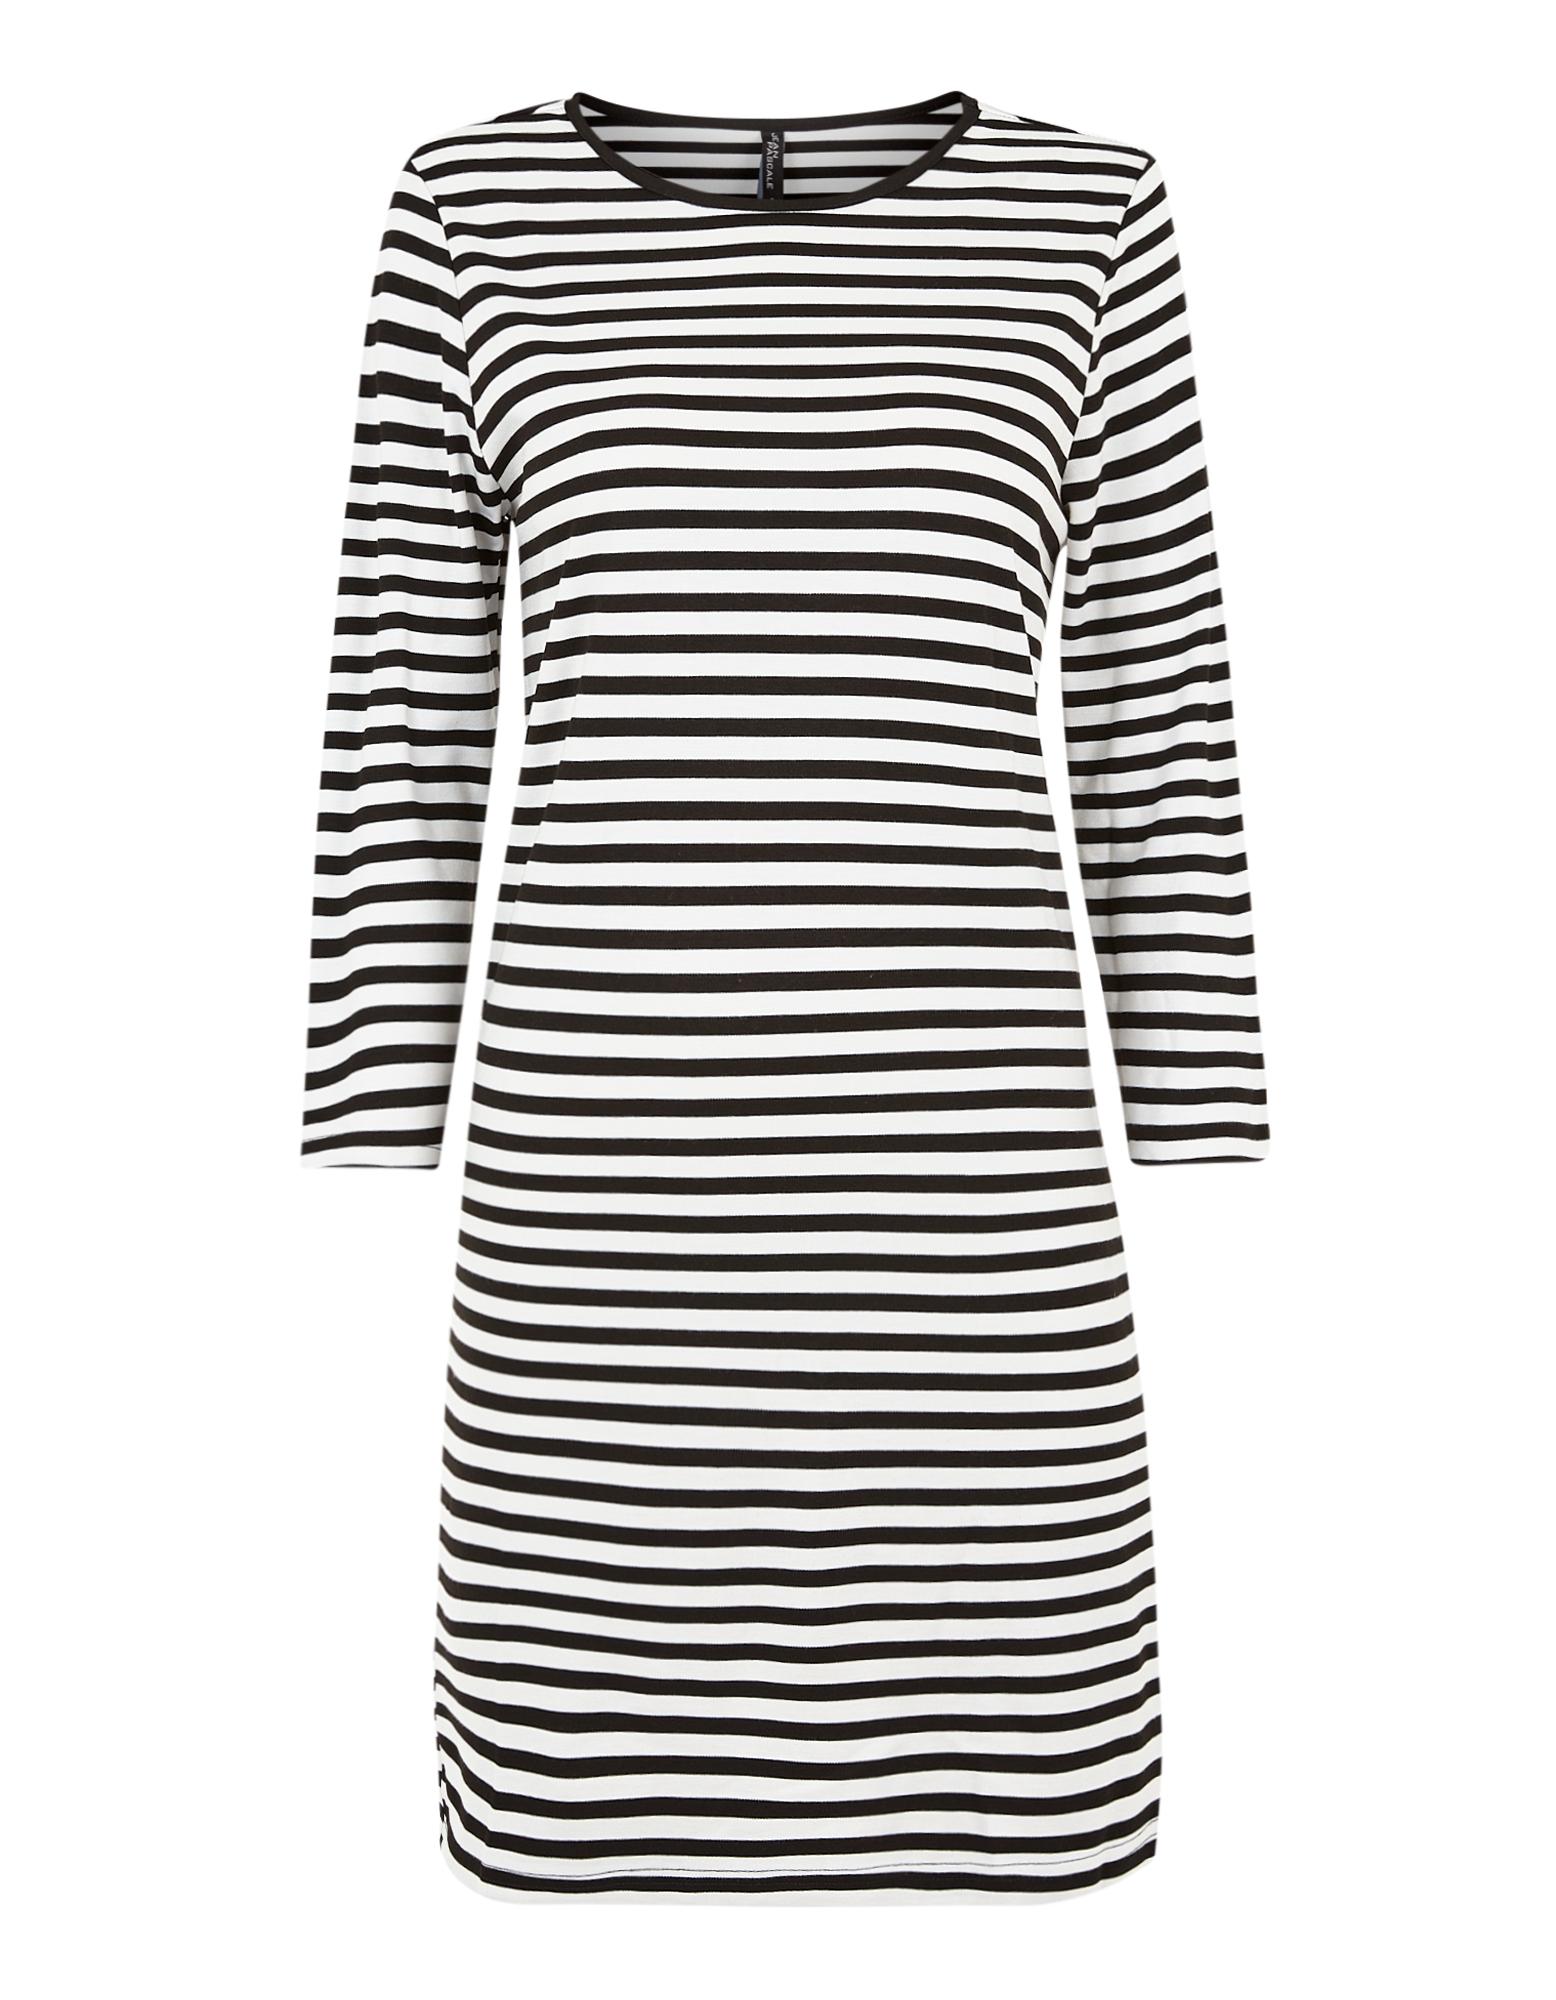 Damen Sweatkleid mit Streifenmuster | Bekleidung > Kleider > Sweatkleider | Schneeweiß | Takko